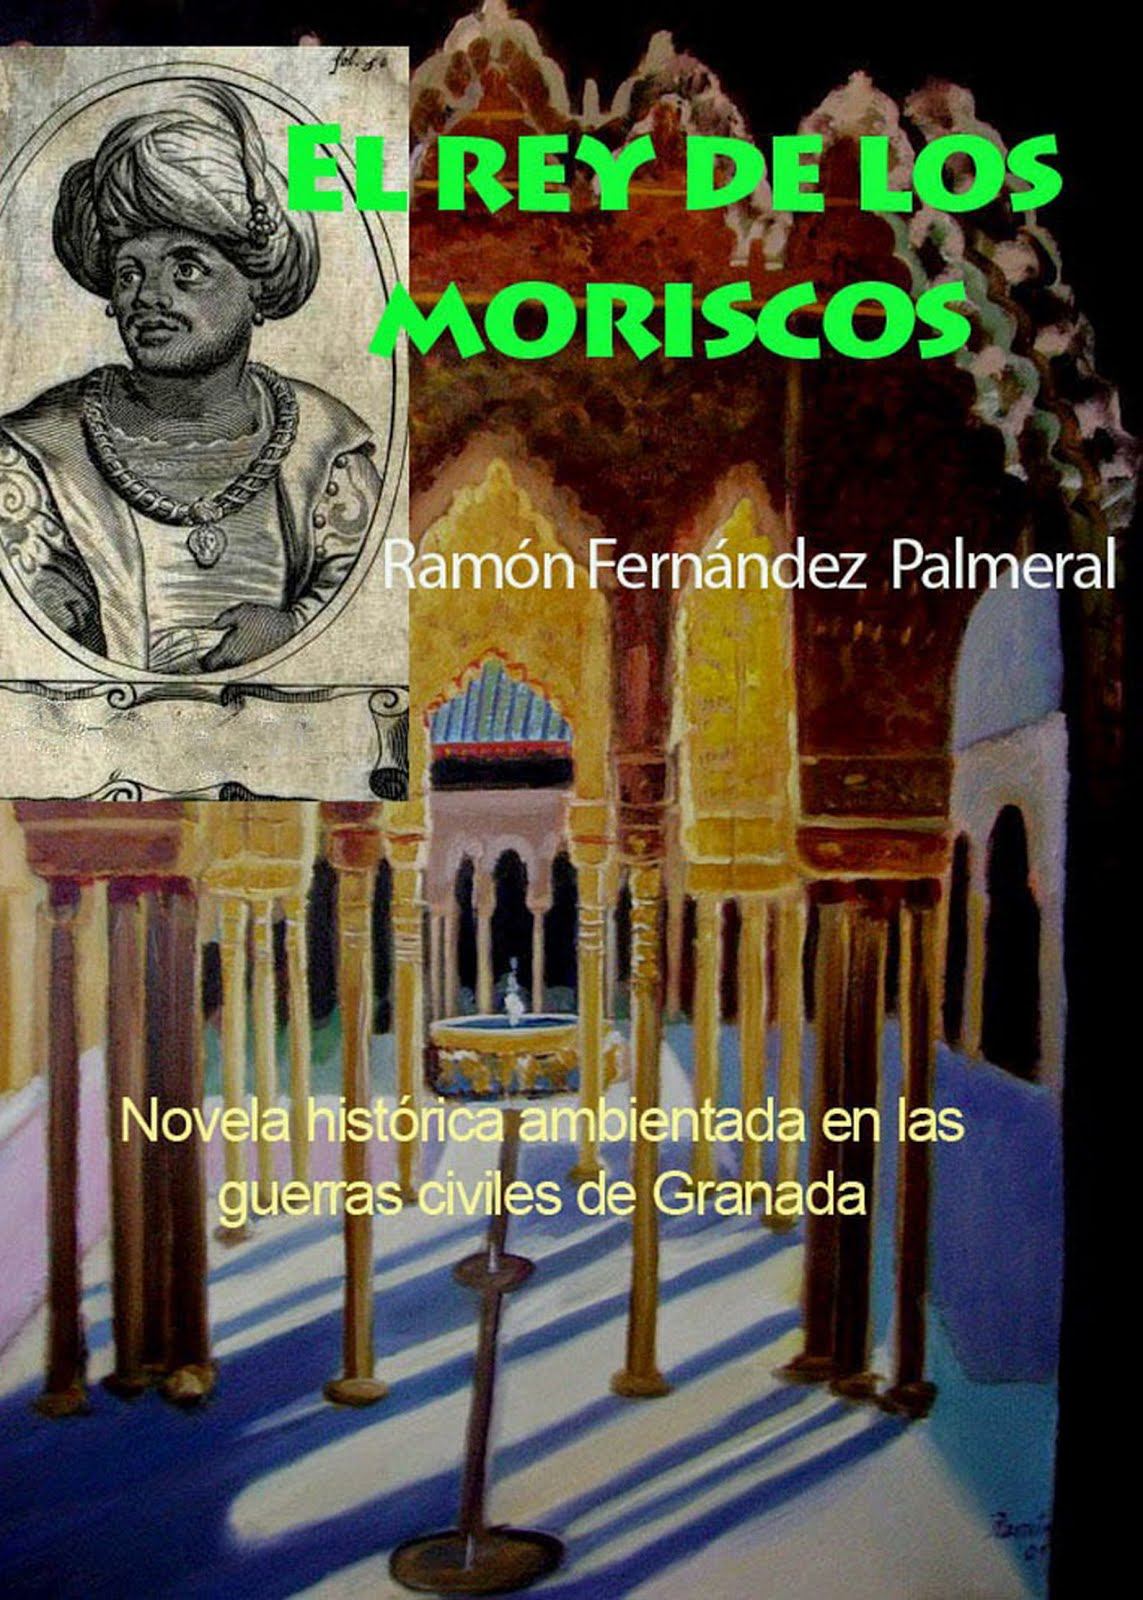 El rey de los moriscos. Impreso